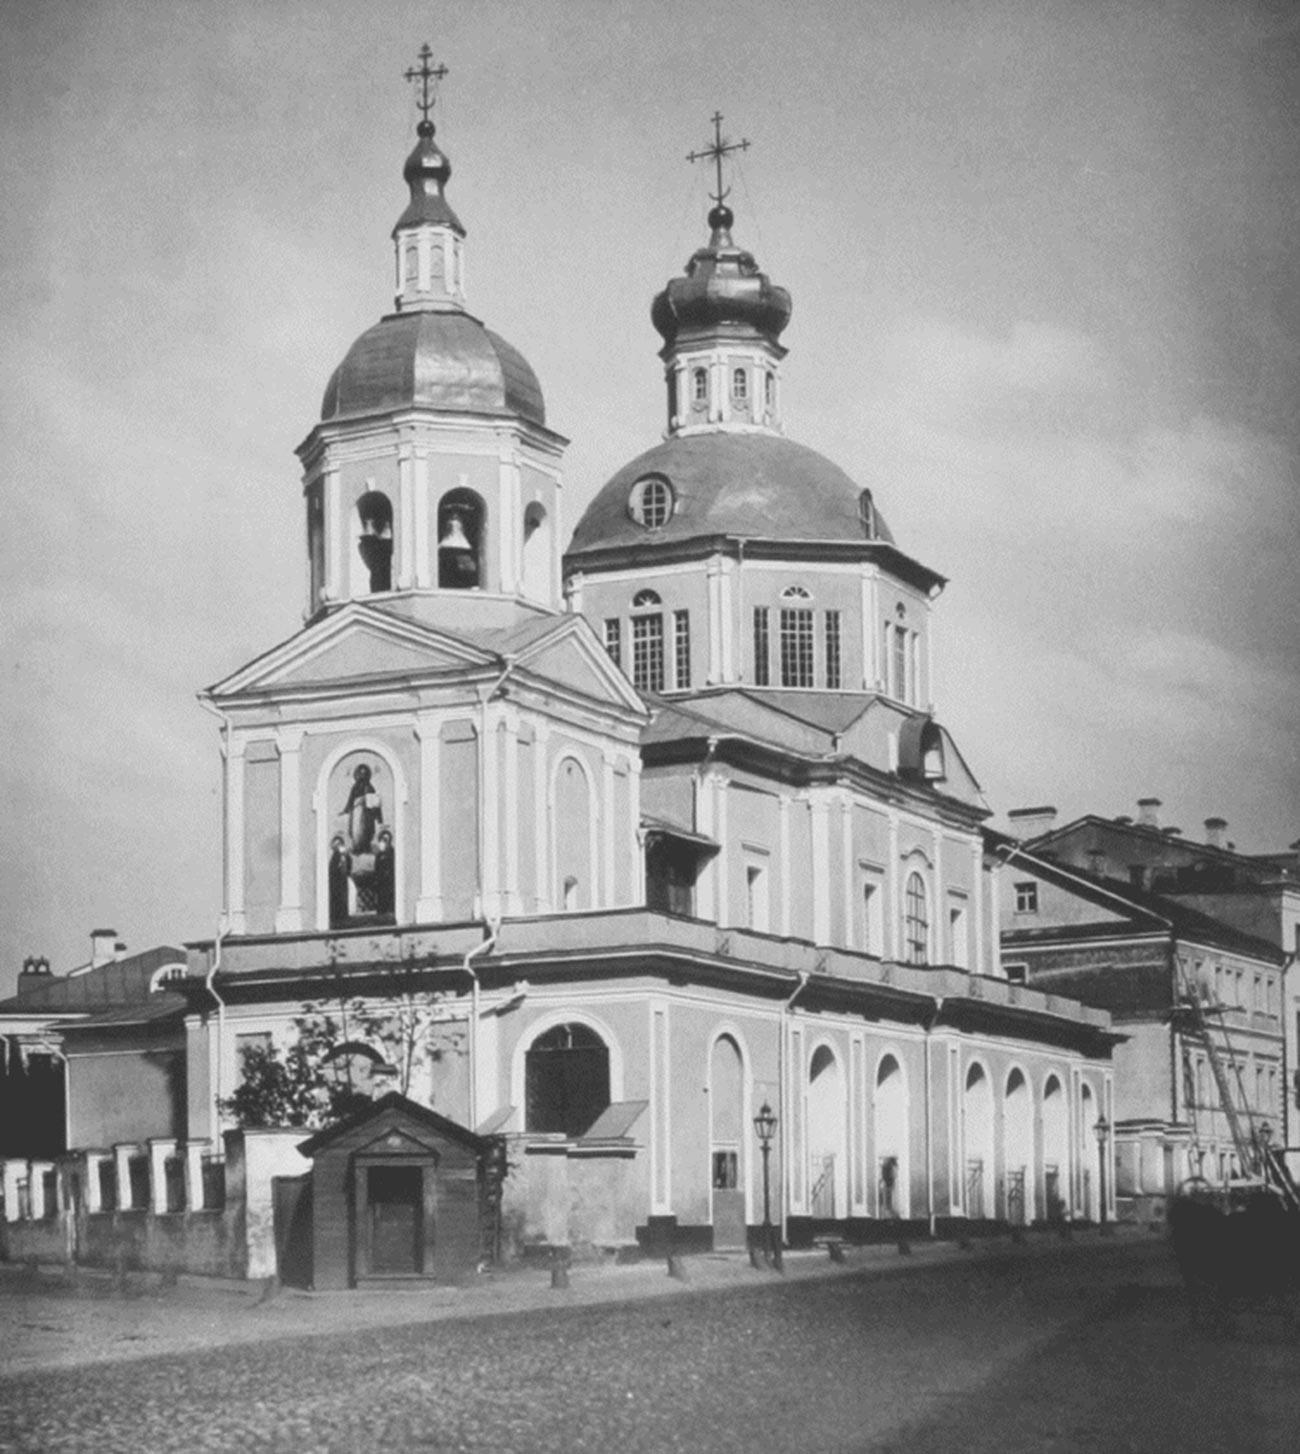 La Chiesa di Sant'Euplio, 1882. Immagine tratta dal libro